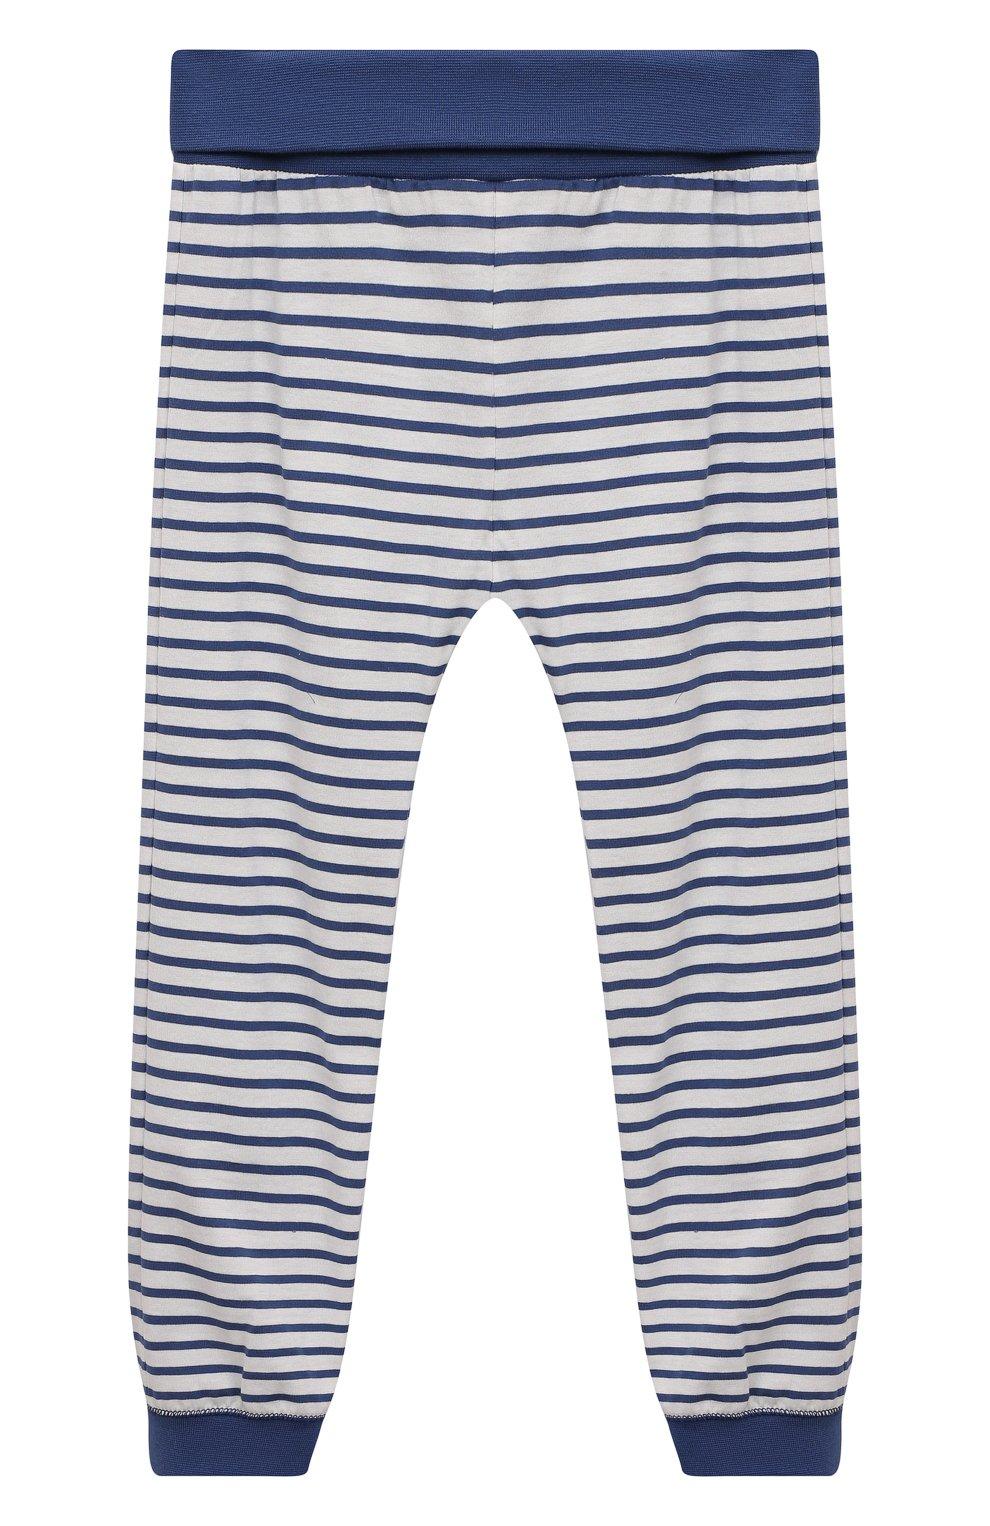 Женская хлопковая пижама SANETTA синего цвета, арт. 221591 | Фото 4